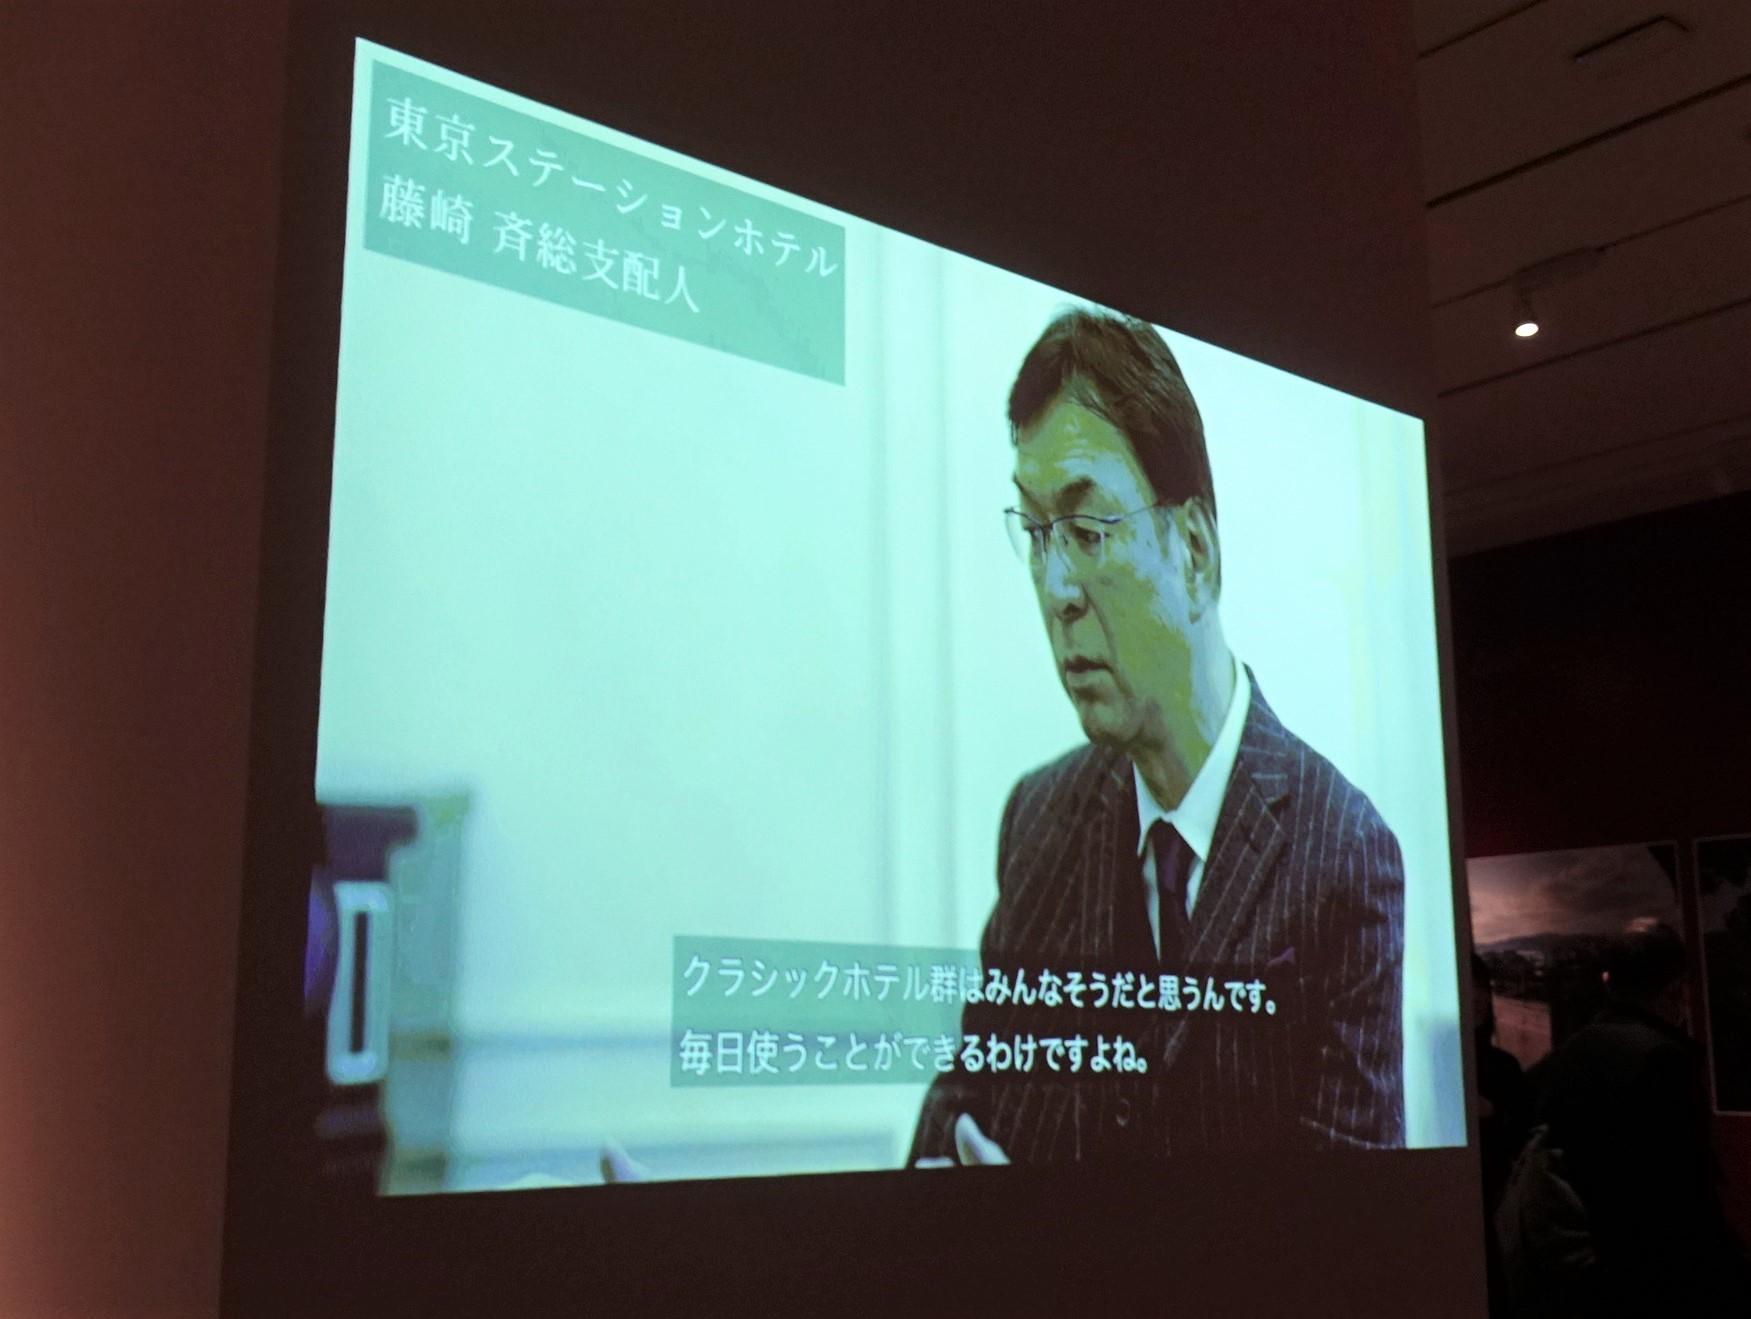 建築倉庫ミュージアム「クラシックホテル展」内覧会に参加してきました_b0053082_18342677.jpg